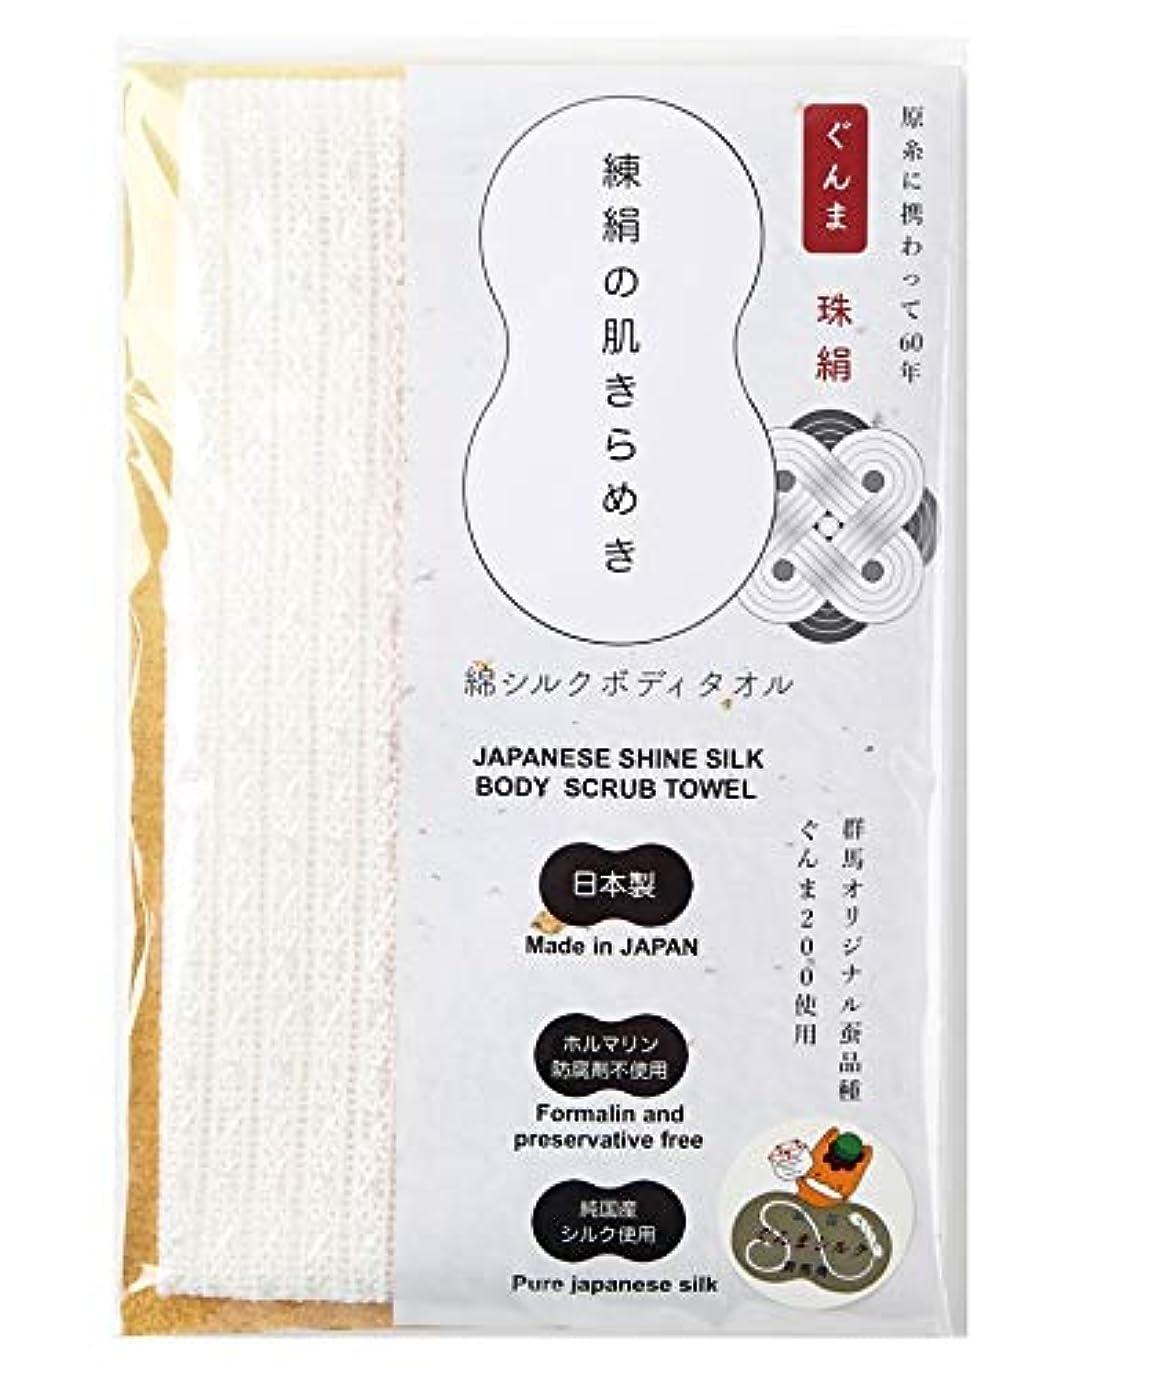 キャリアのぞき見運命的なくーる&ほっと 珠絹(たまぎぬ) 練絹の肌きらめき 純国産絹(ぐんまシルク)使用 日本製 綿シルクボディタオル